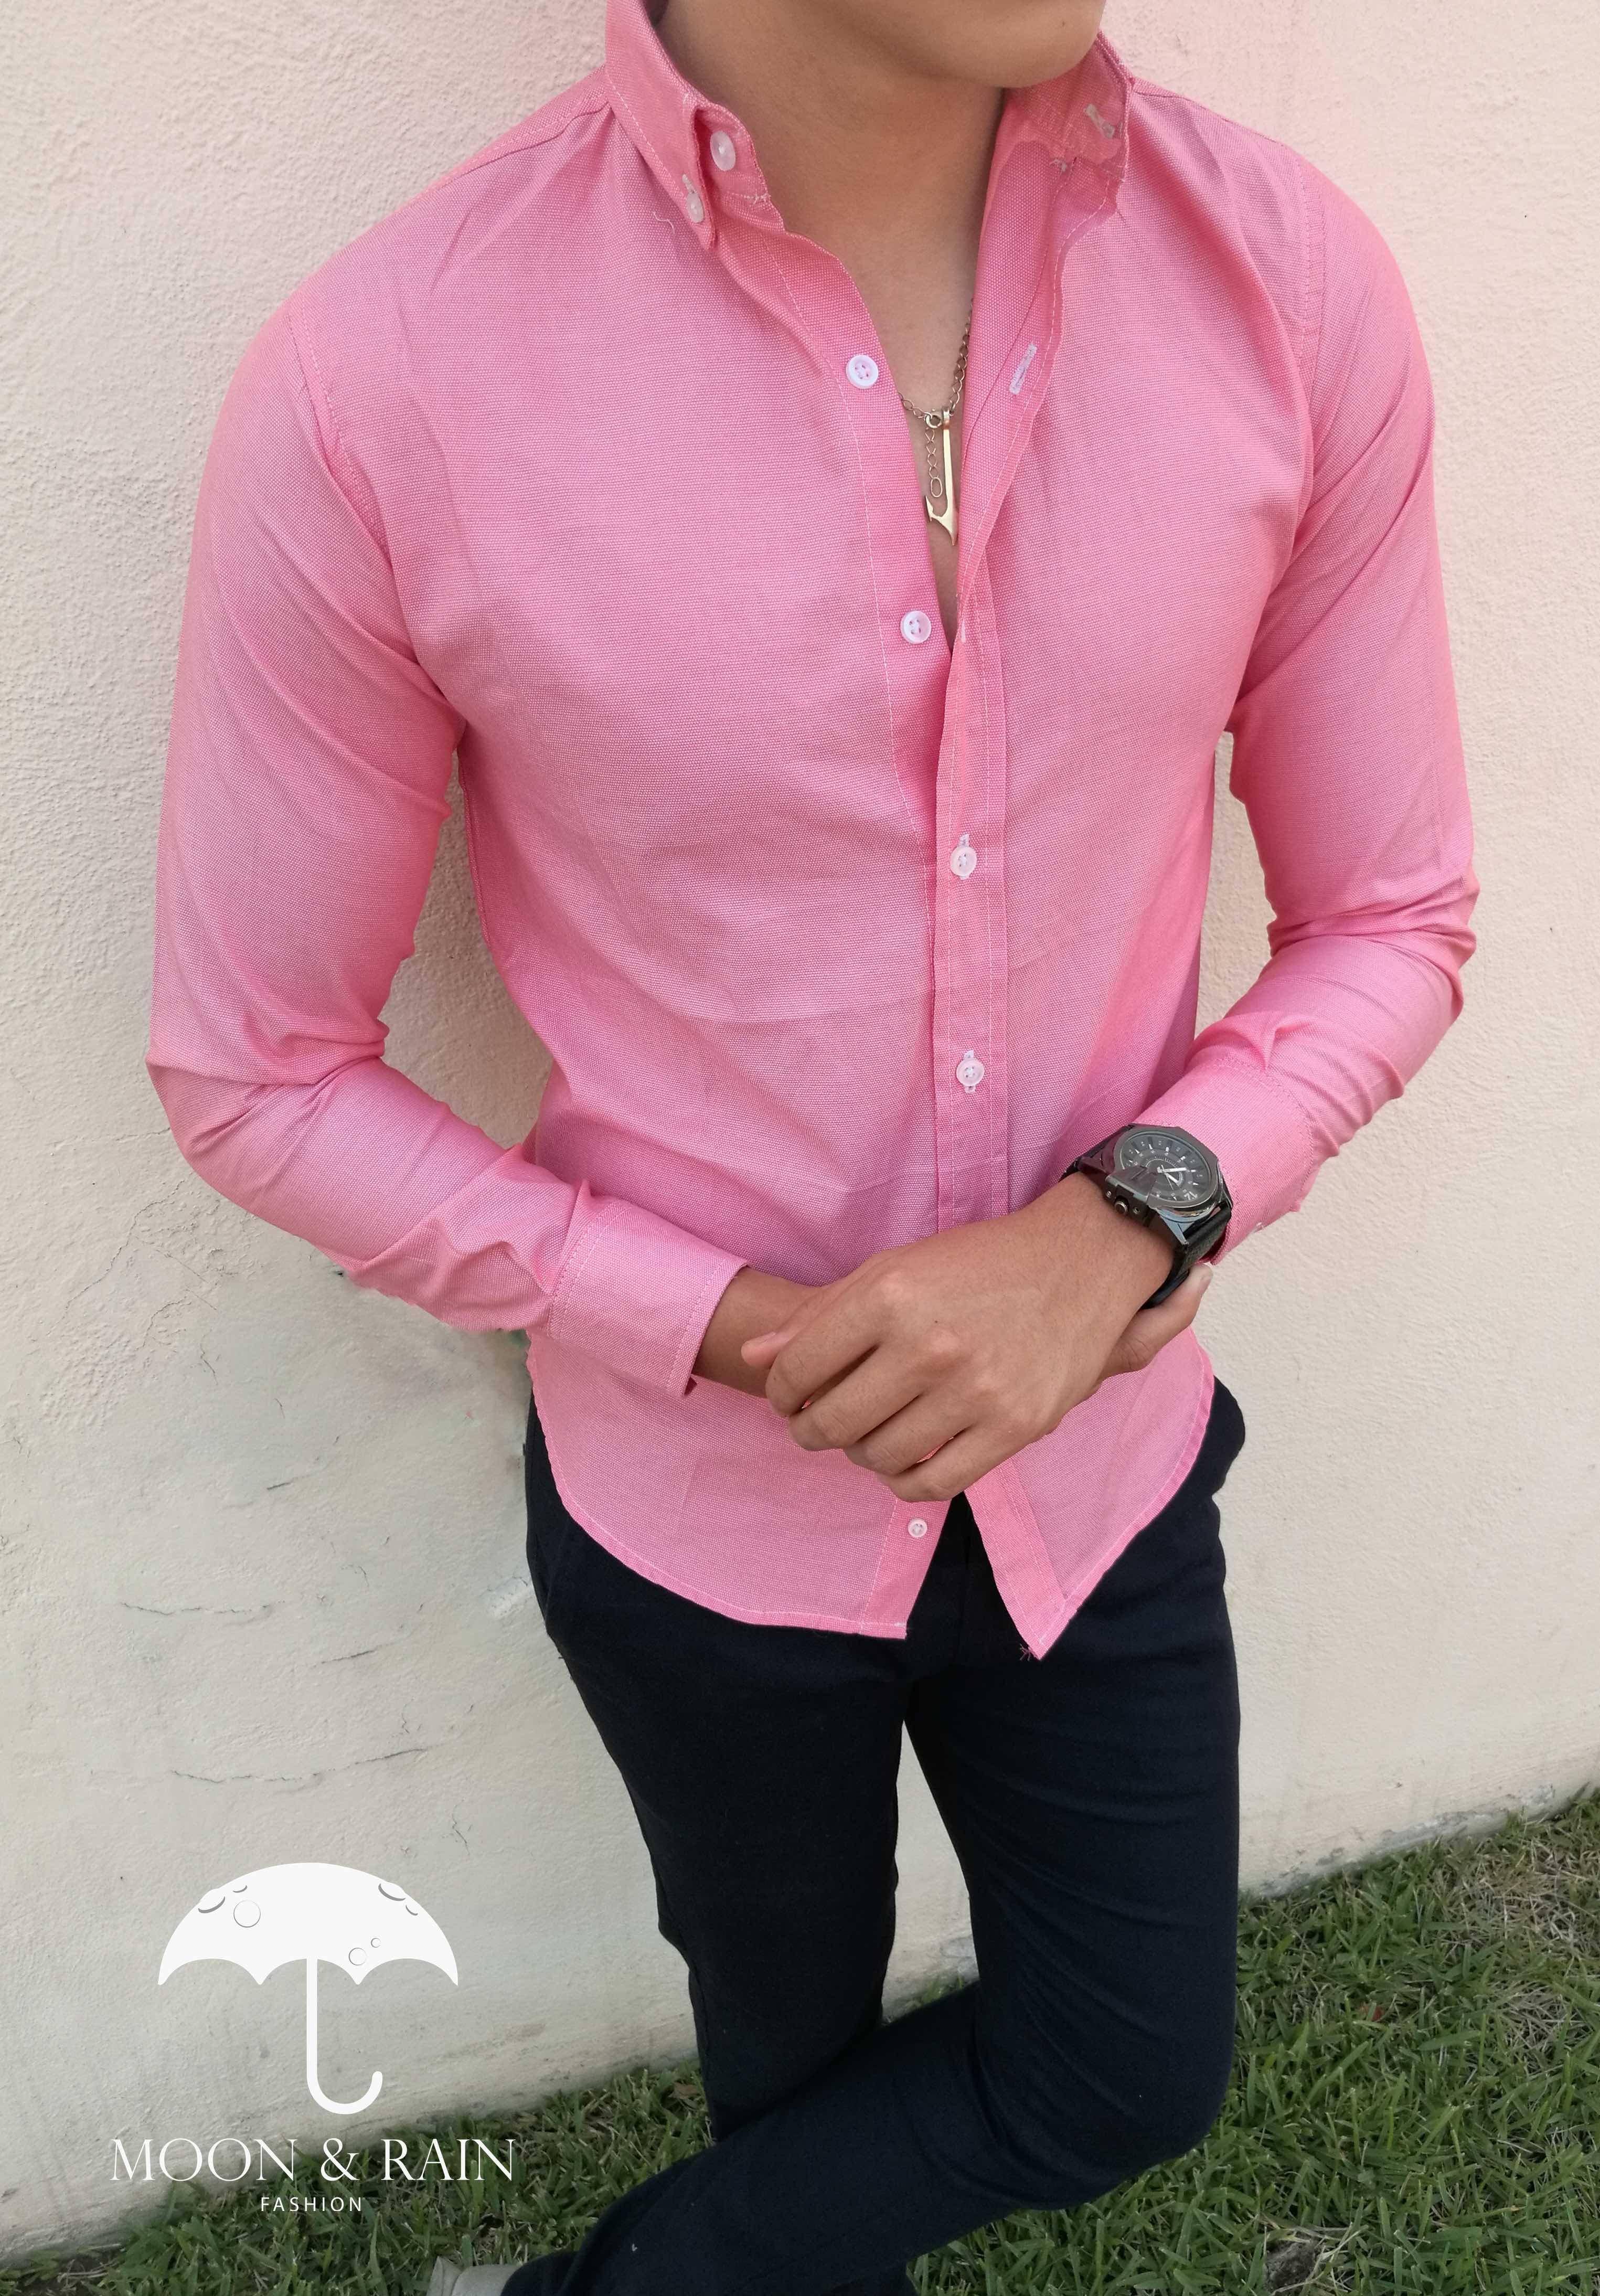 Camisa Slim Fit Mamey Lisa para hombre exclusiva de Tiendas Platino por  Moon   Rain  2309ead52a6fb